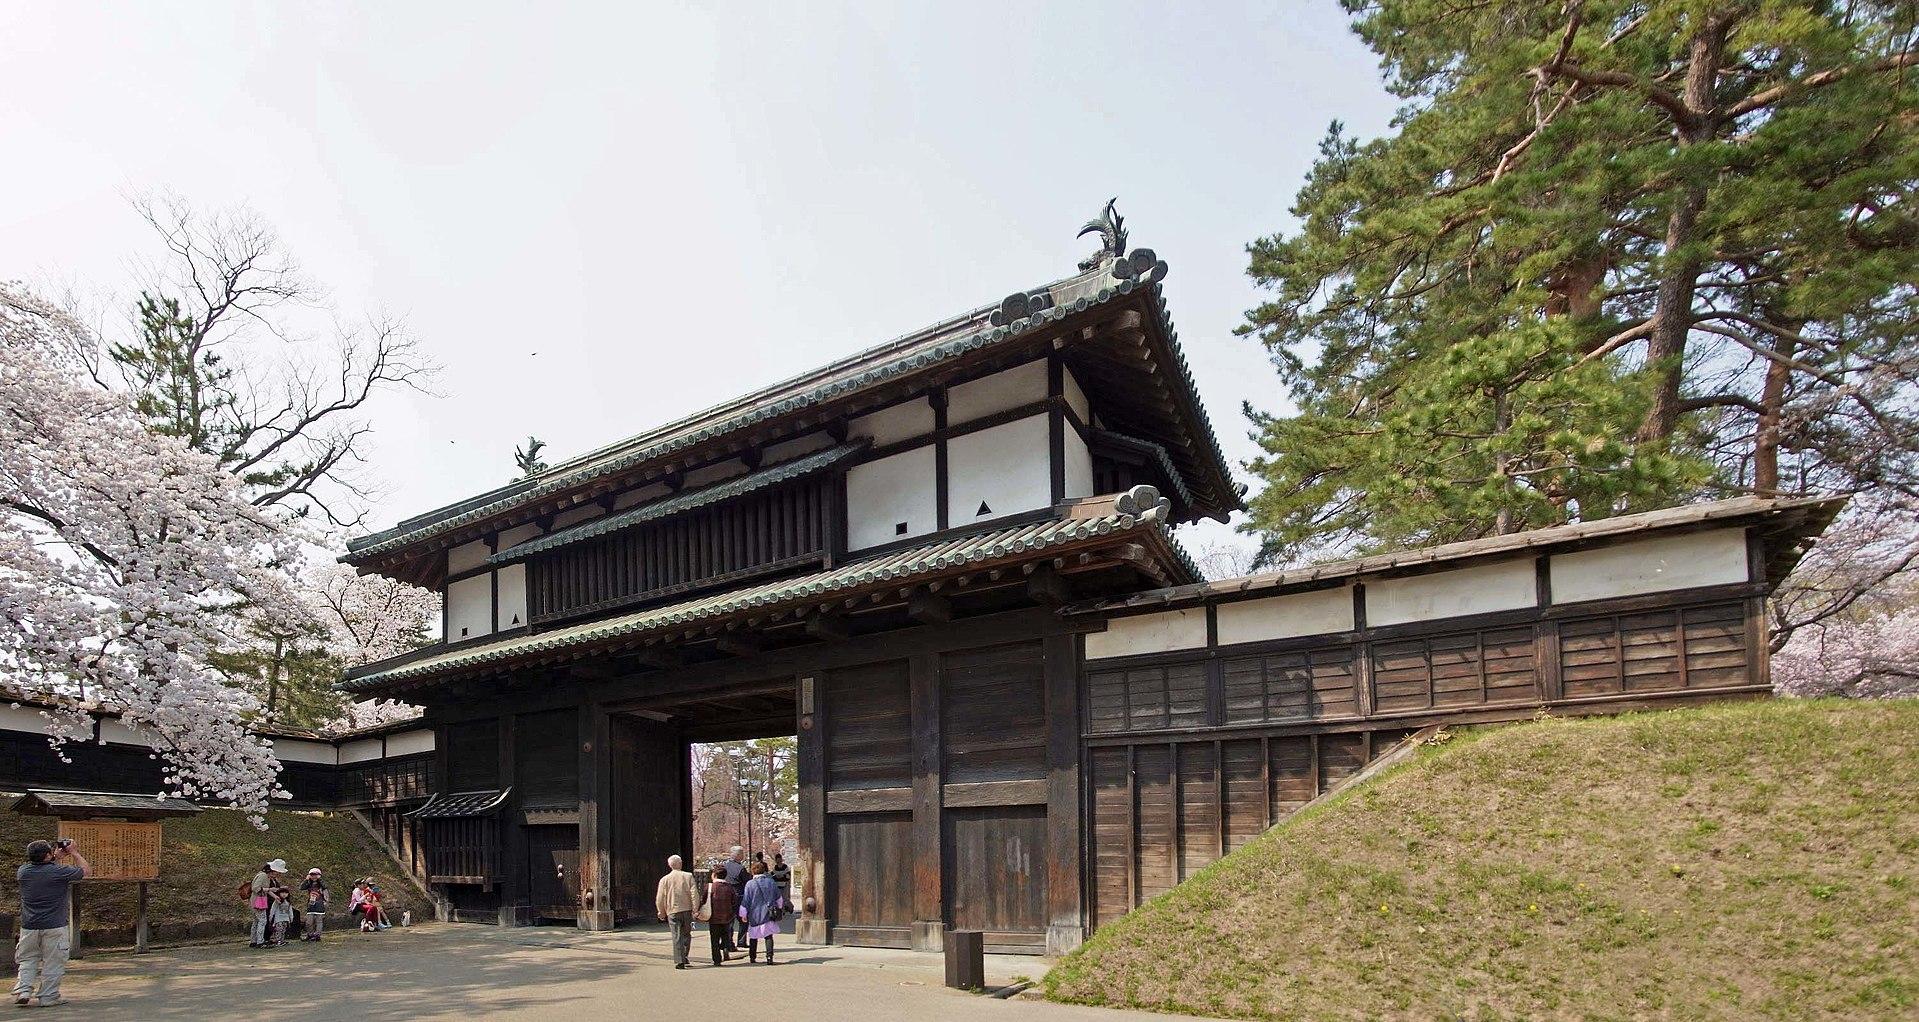 弘前城_ 1920px-Hirosaki_castle_,_弘前城_-_panoramio_(3).jpg